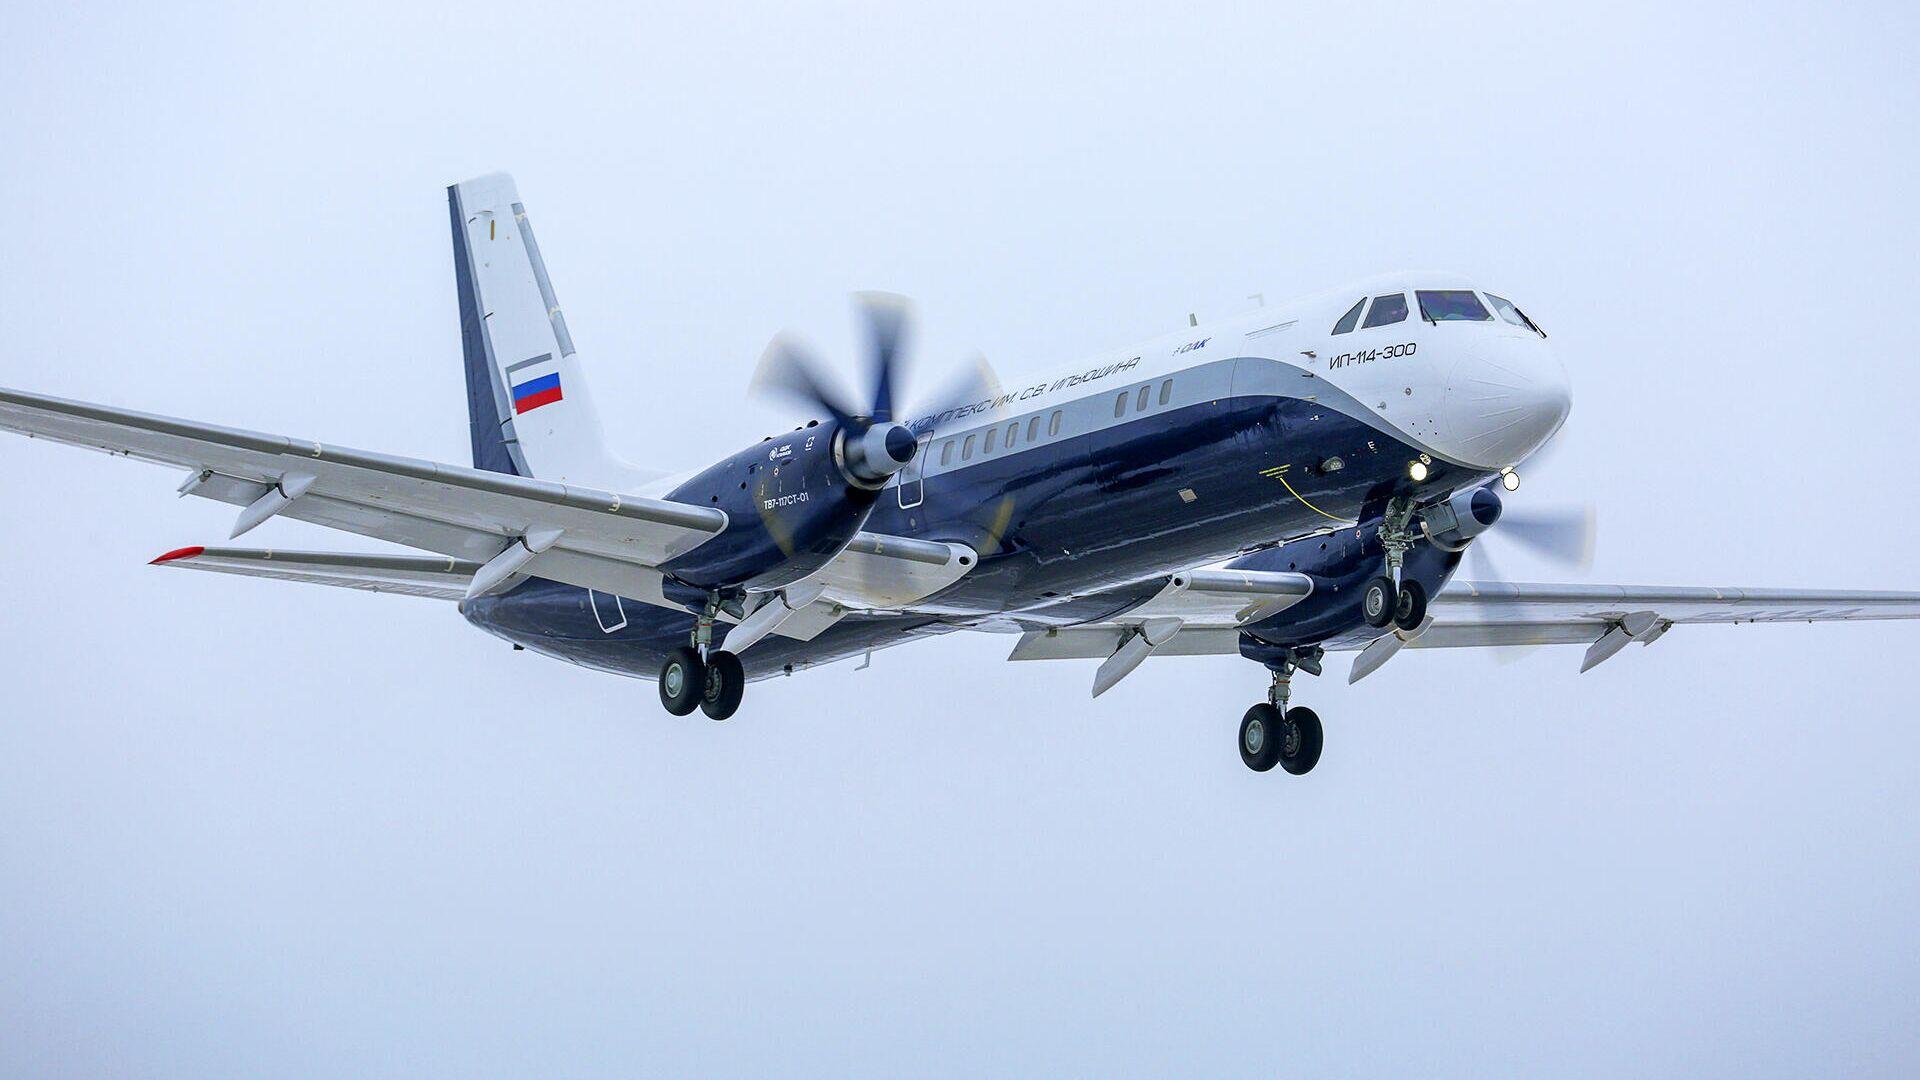 Первый полет нового российского пассажирского самолета Ил-114-300 - РИА Новости, 1920, 12.07.2021